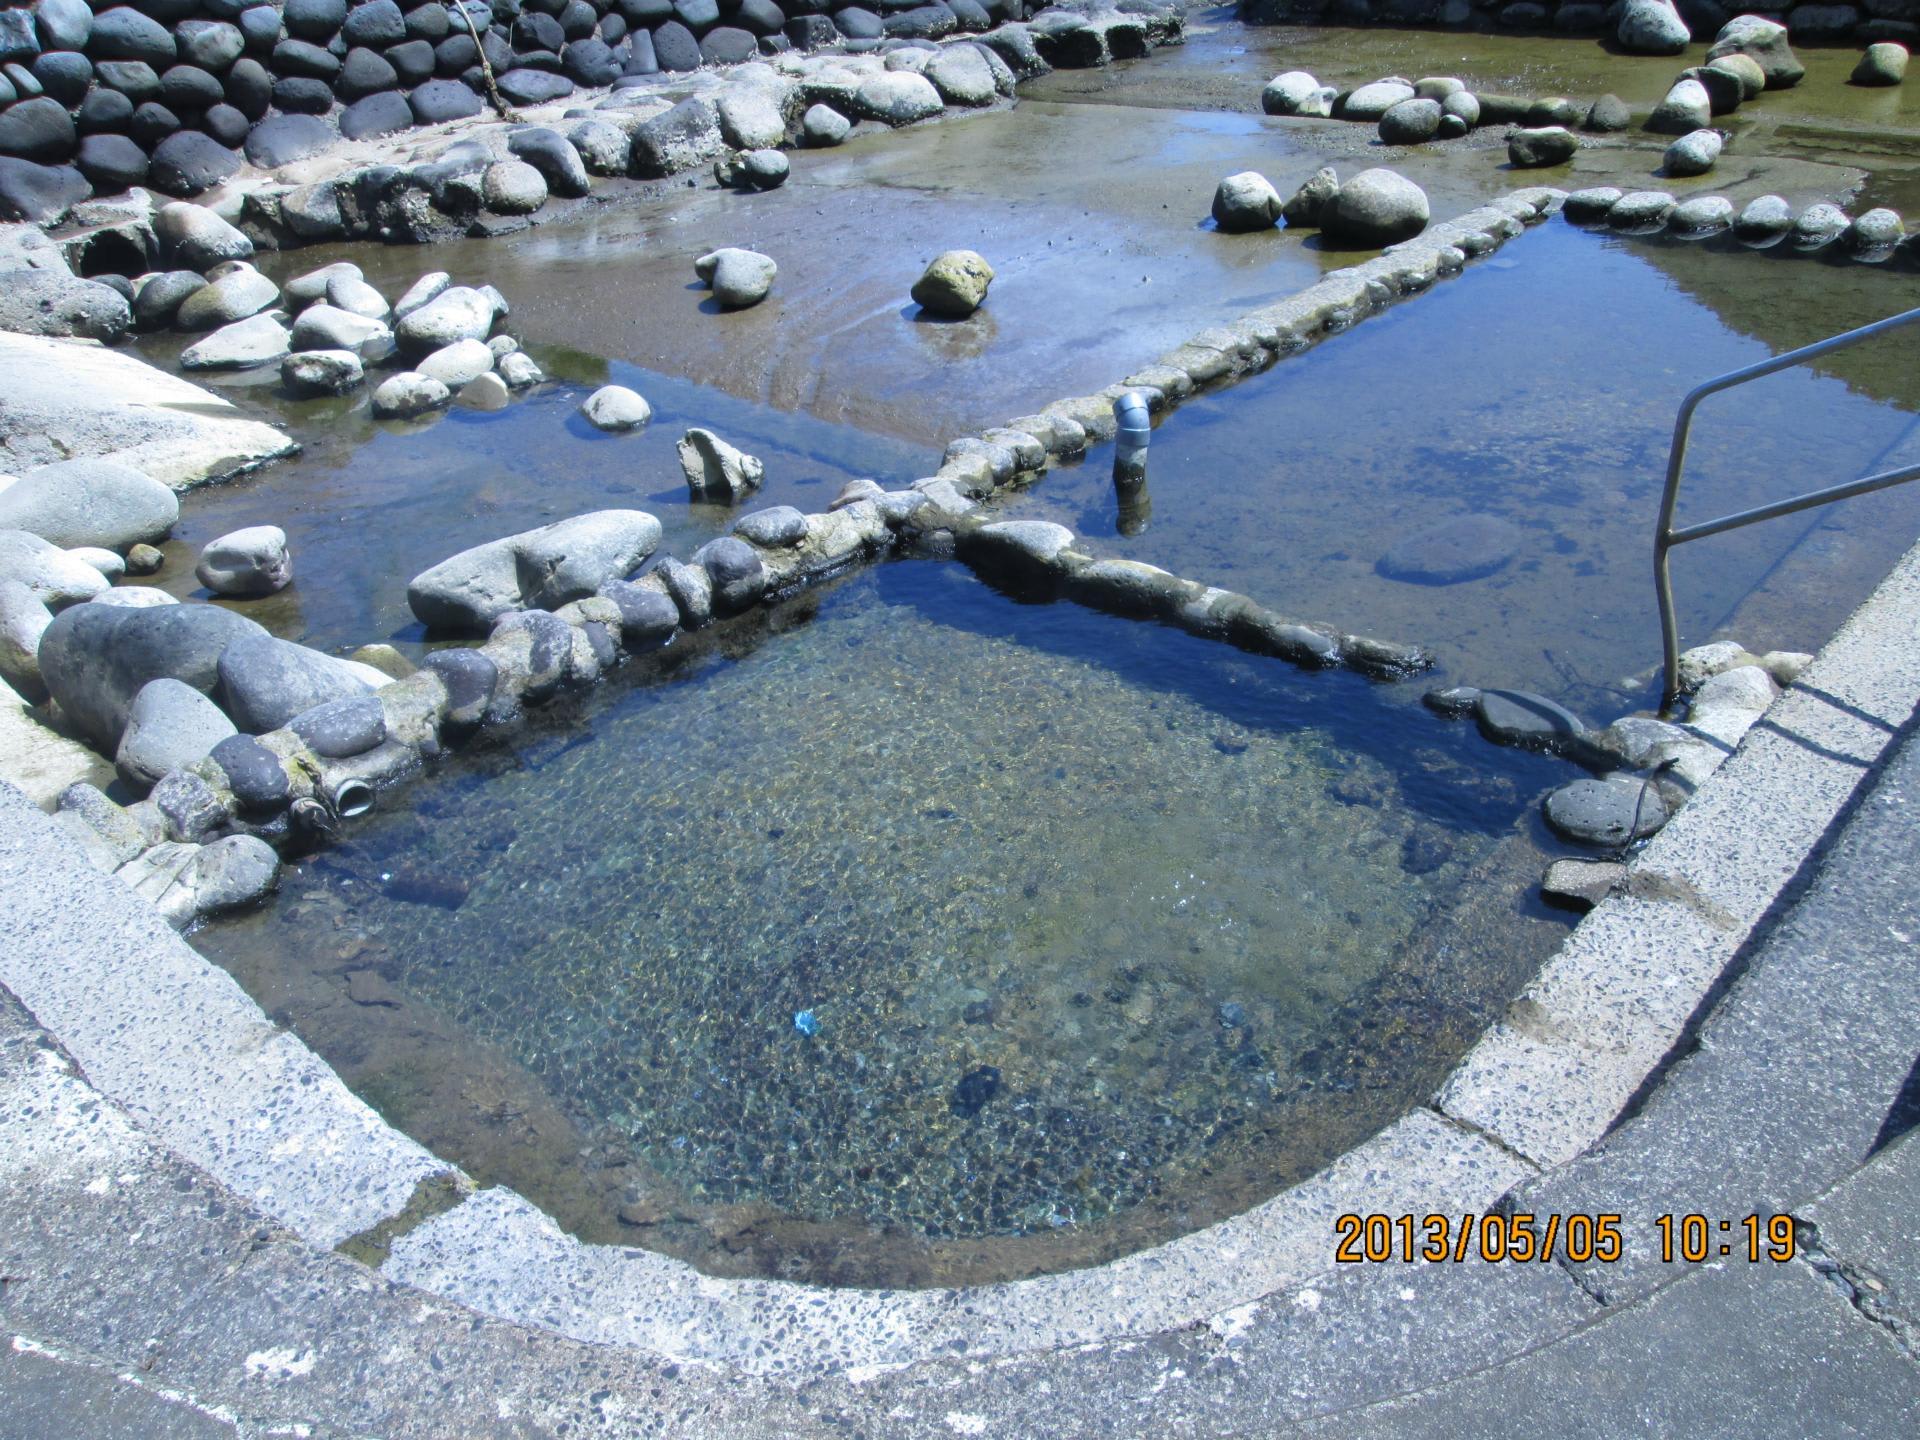 三島村(硫黄島)坂本温泉からの運用 - 黄昏叔父さんの独り言